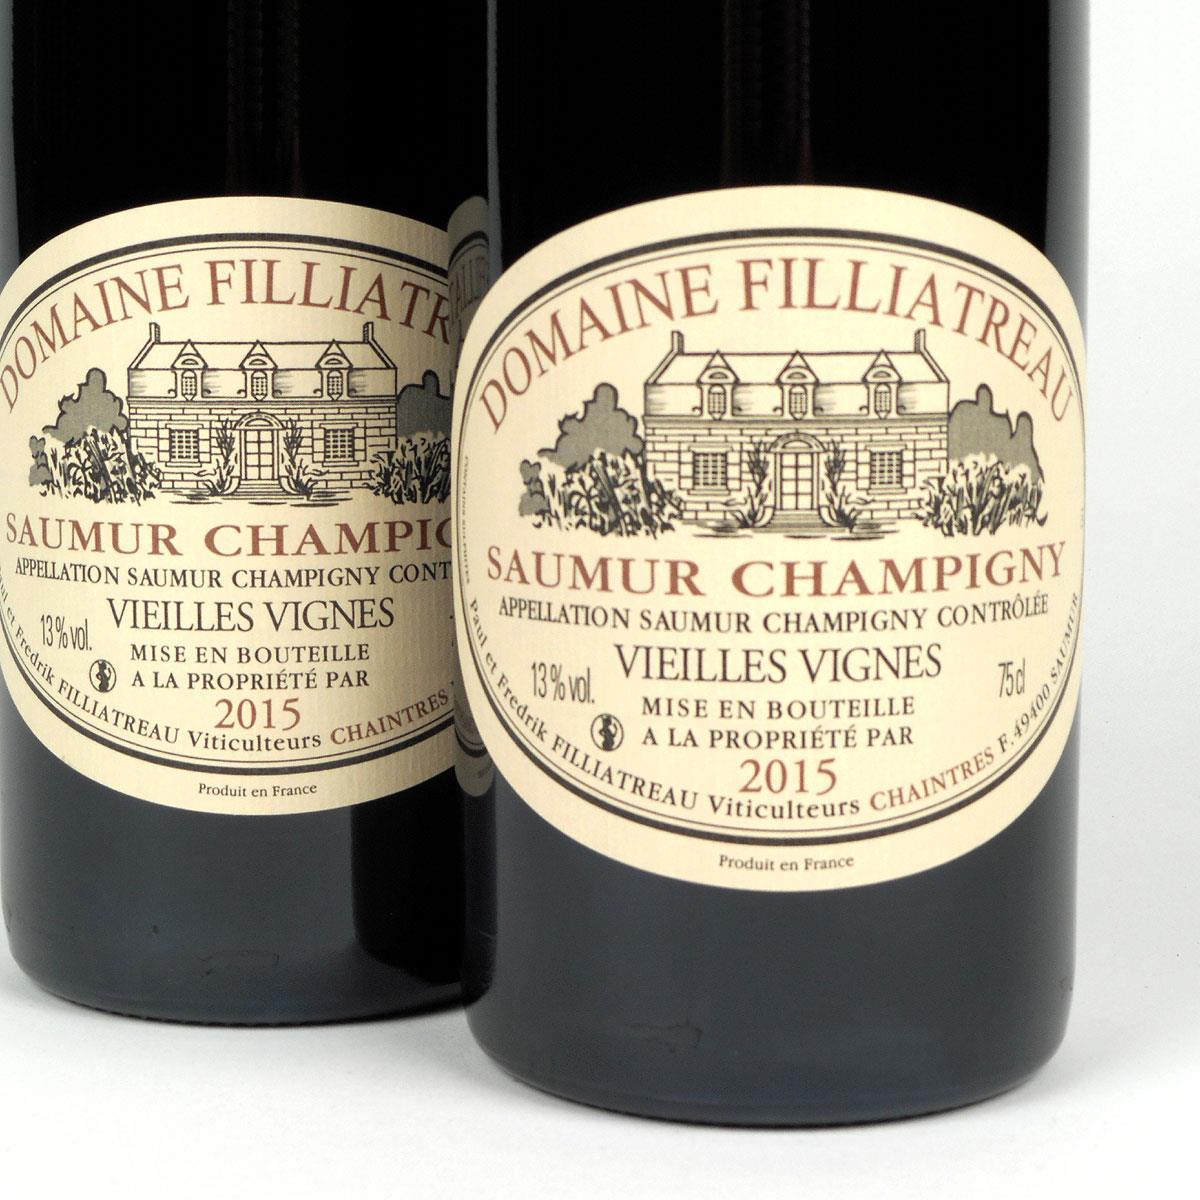 Saumur Champigny: Domaine Filliatreau 'Vieilles Vignes' 2015